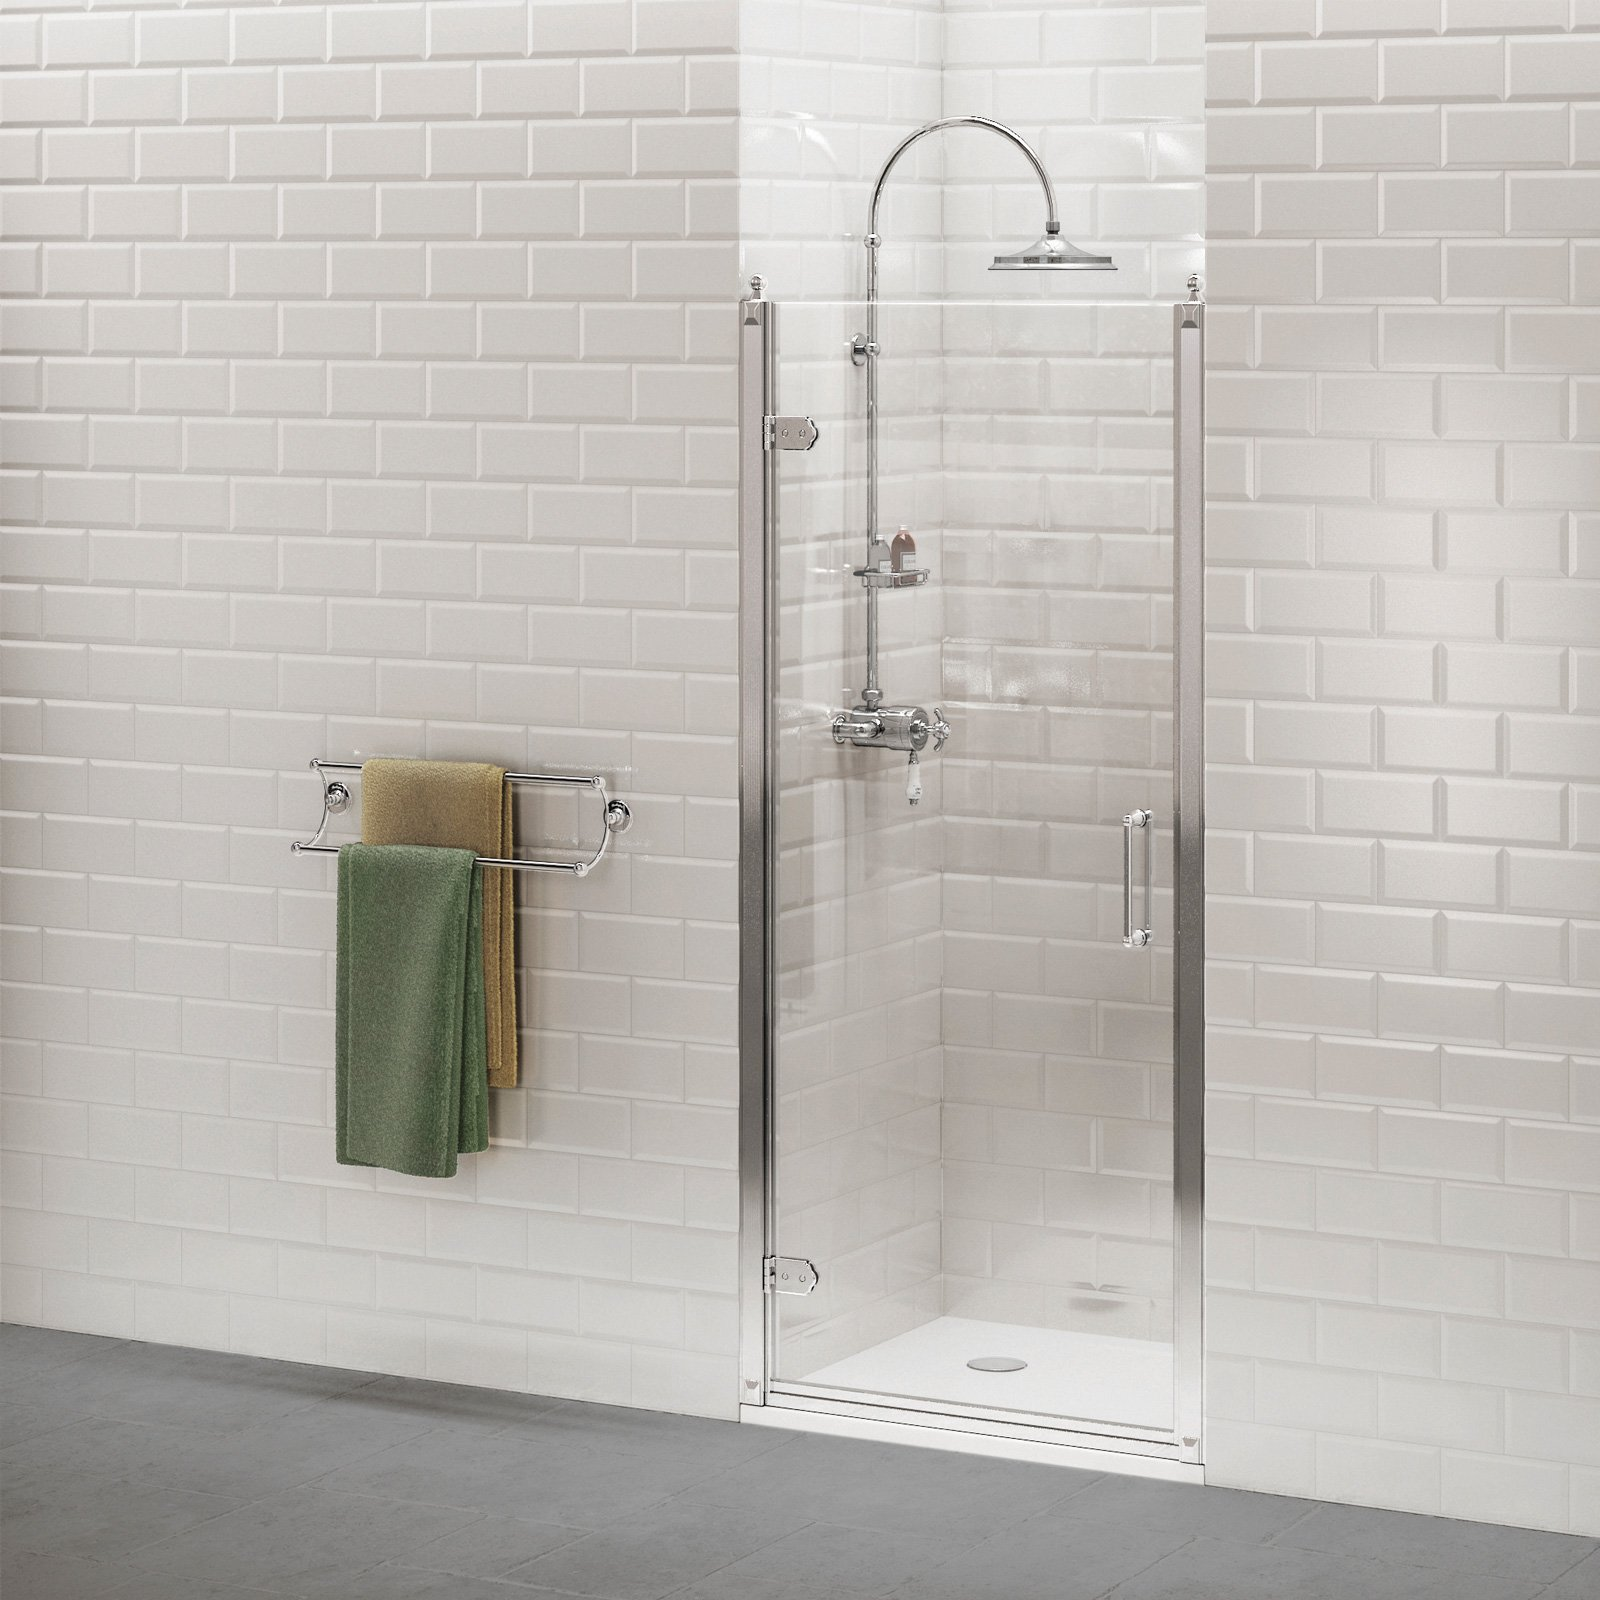 Docce rettangolari piccole cose di casa - Nicchie in bagno ...